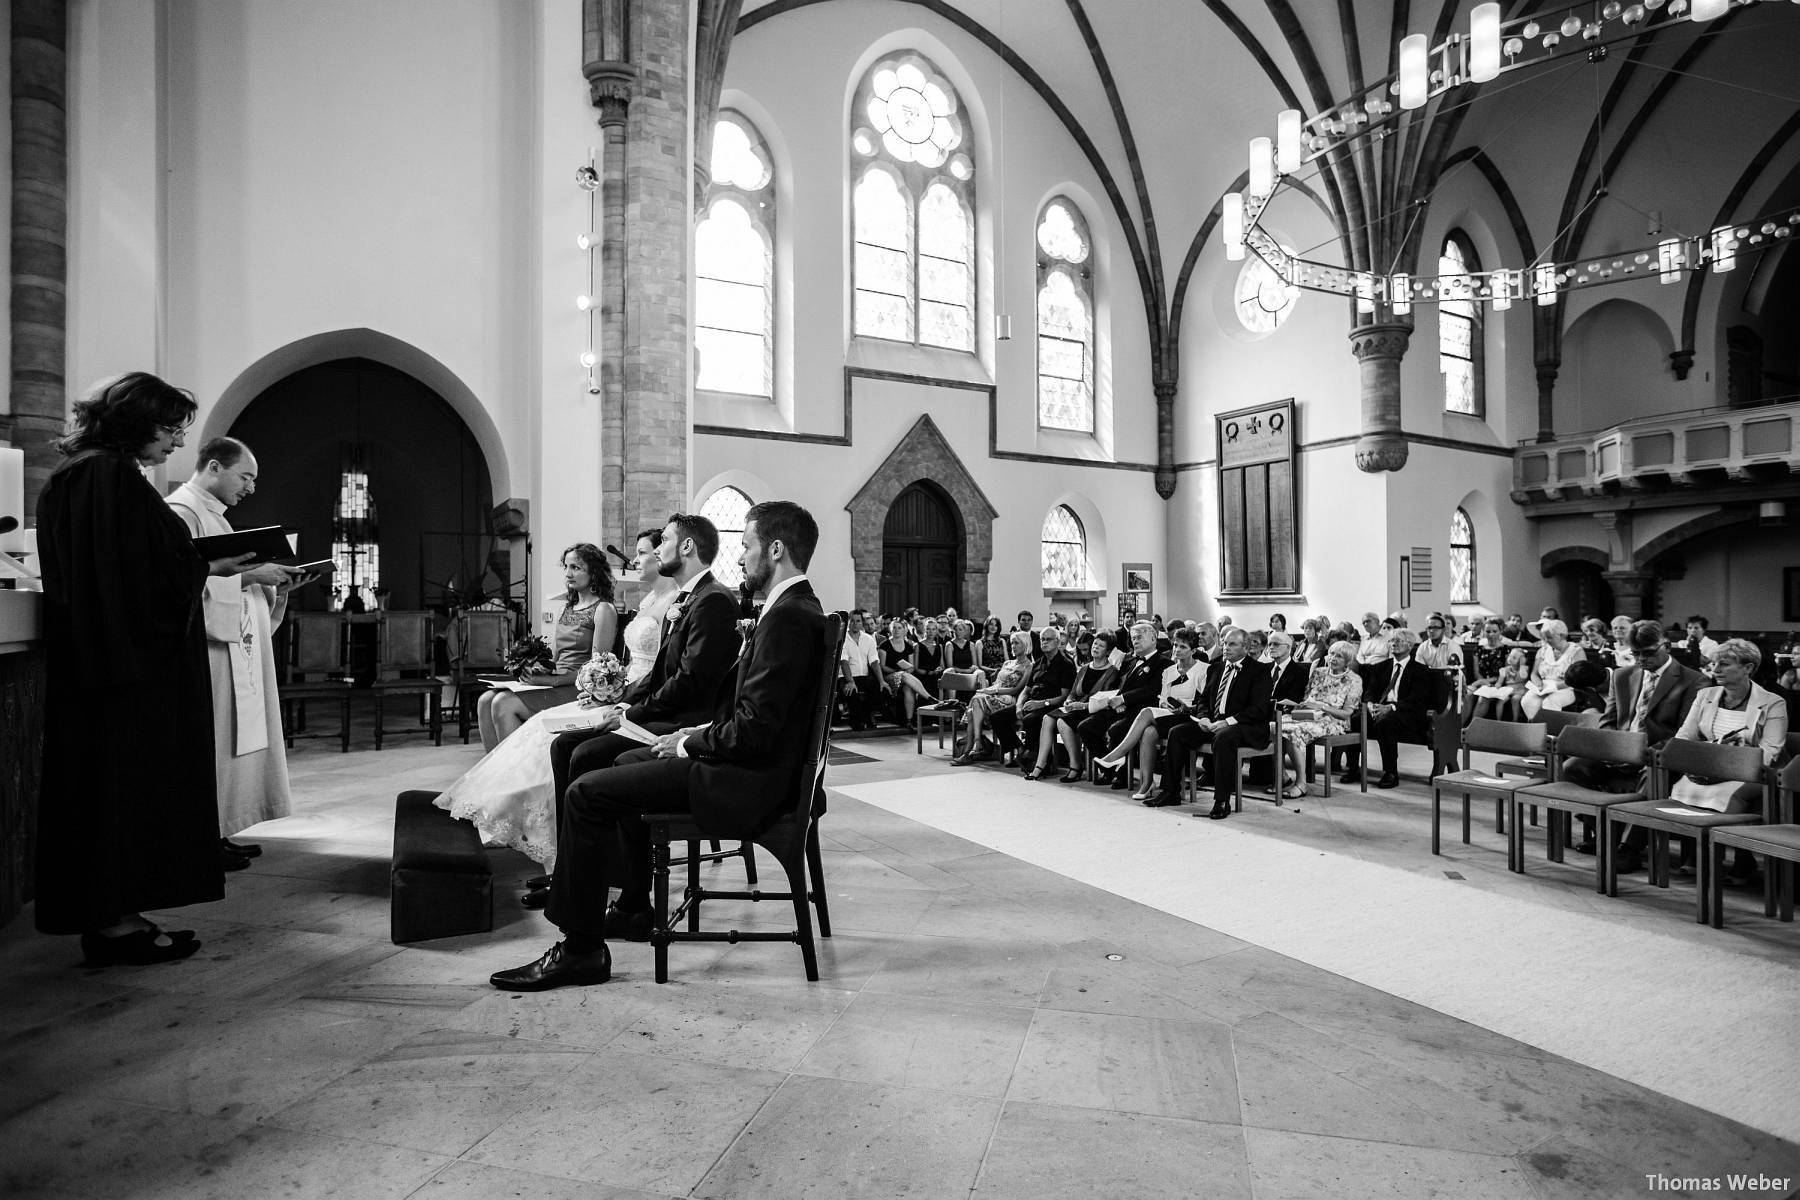 Hochzeitsfotograf Oldenburg: Kirchliche Trauung in der Garnisonkirche Oldenburg und Feier im Landhaus Etzhorn Oldenburg (10)